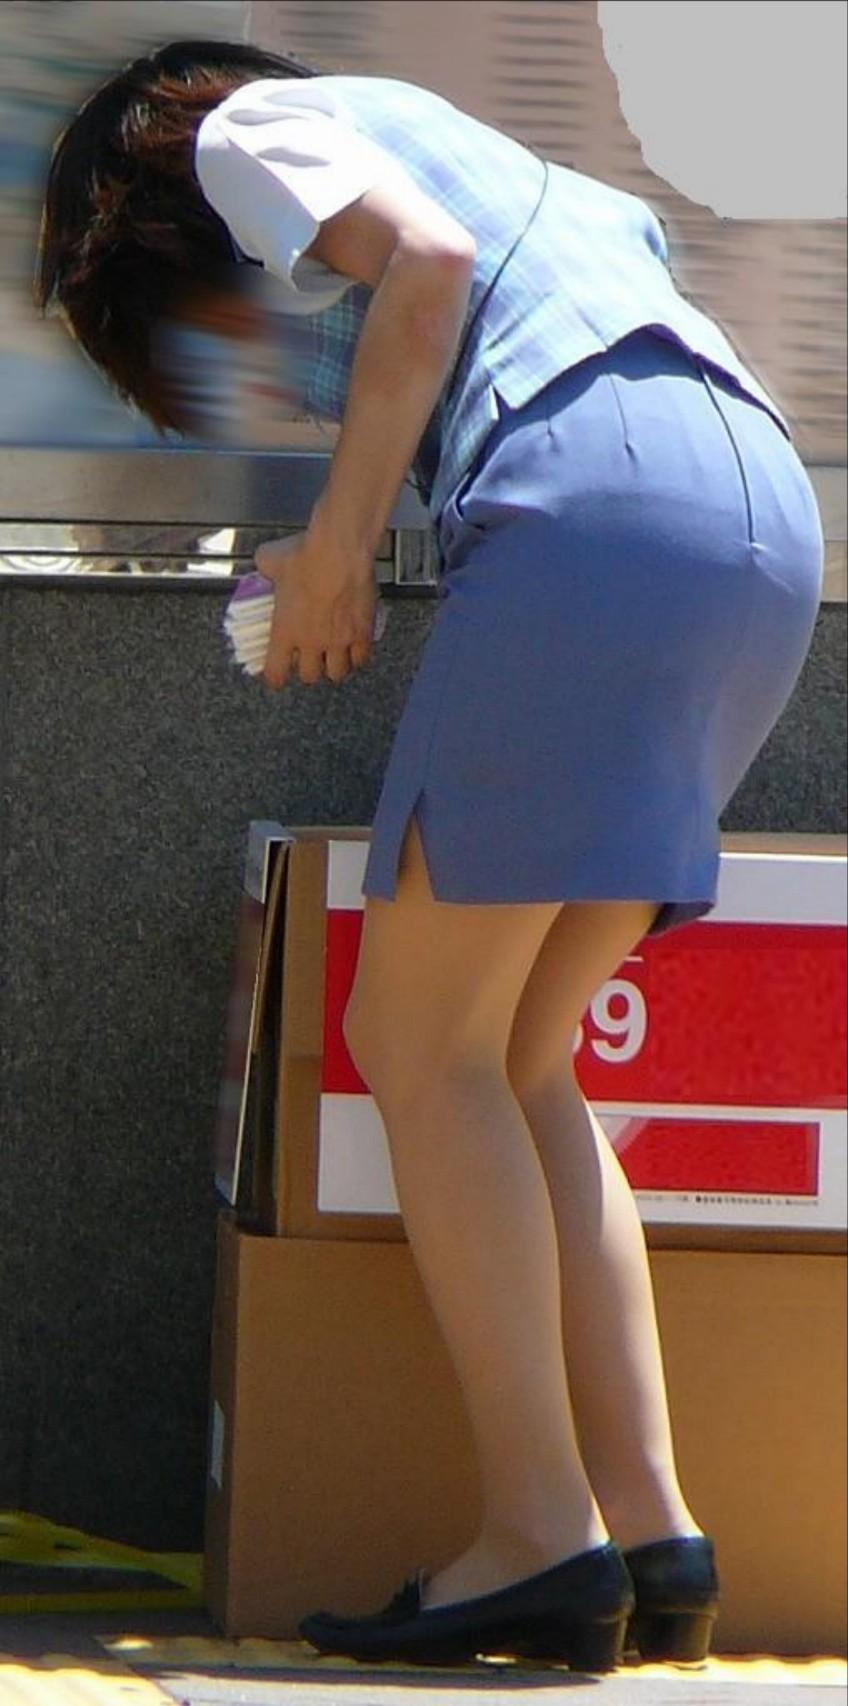 ふくらはぎフェチのタイトスカートOLエロ画像11枚目